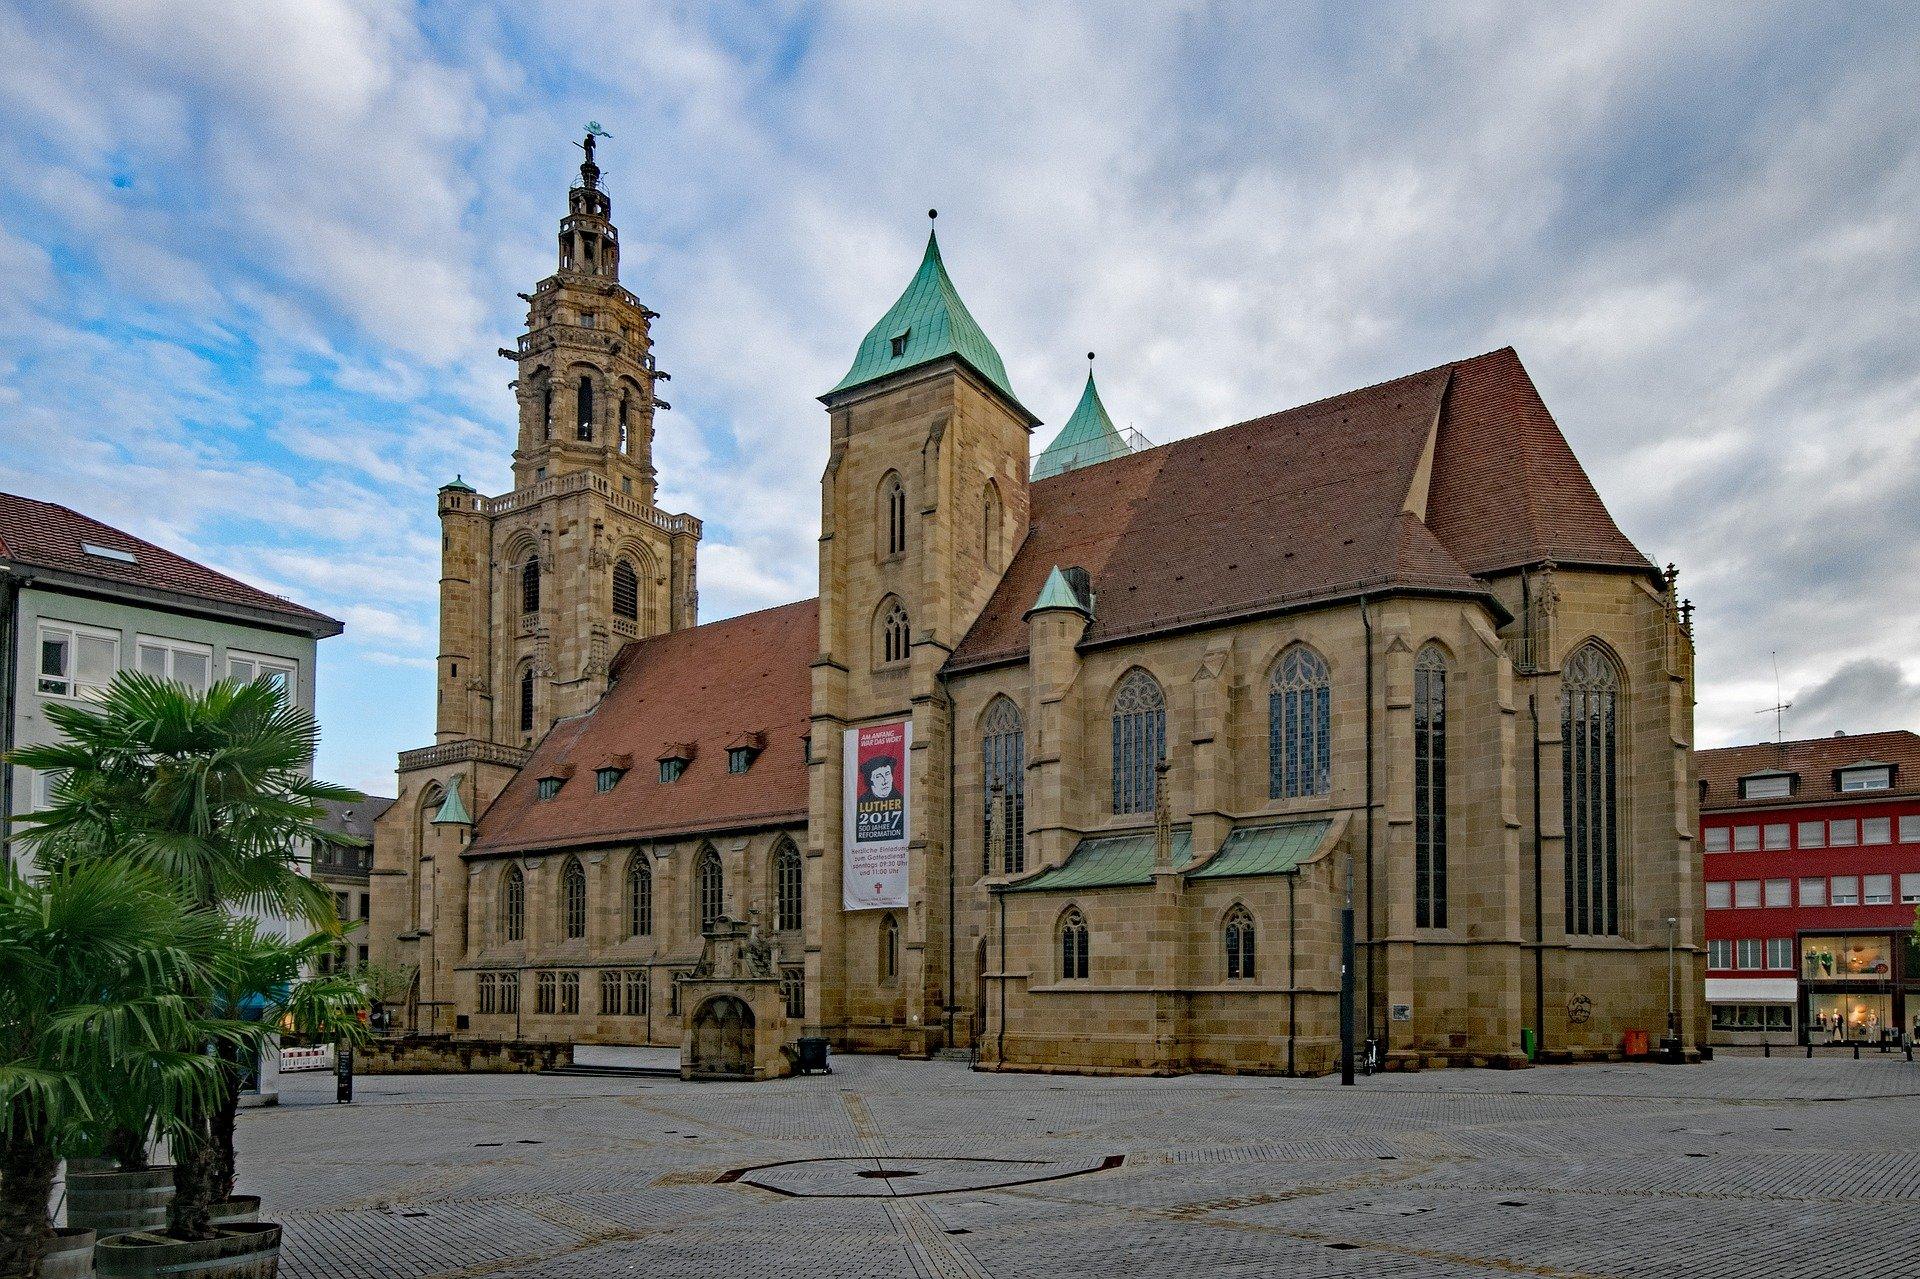 St. Kilian Kirche in Heilbronn